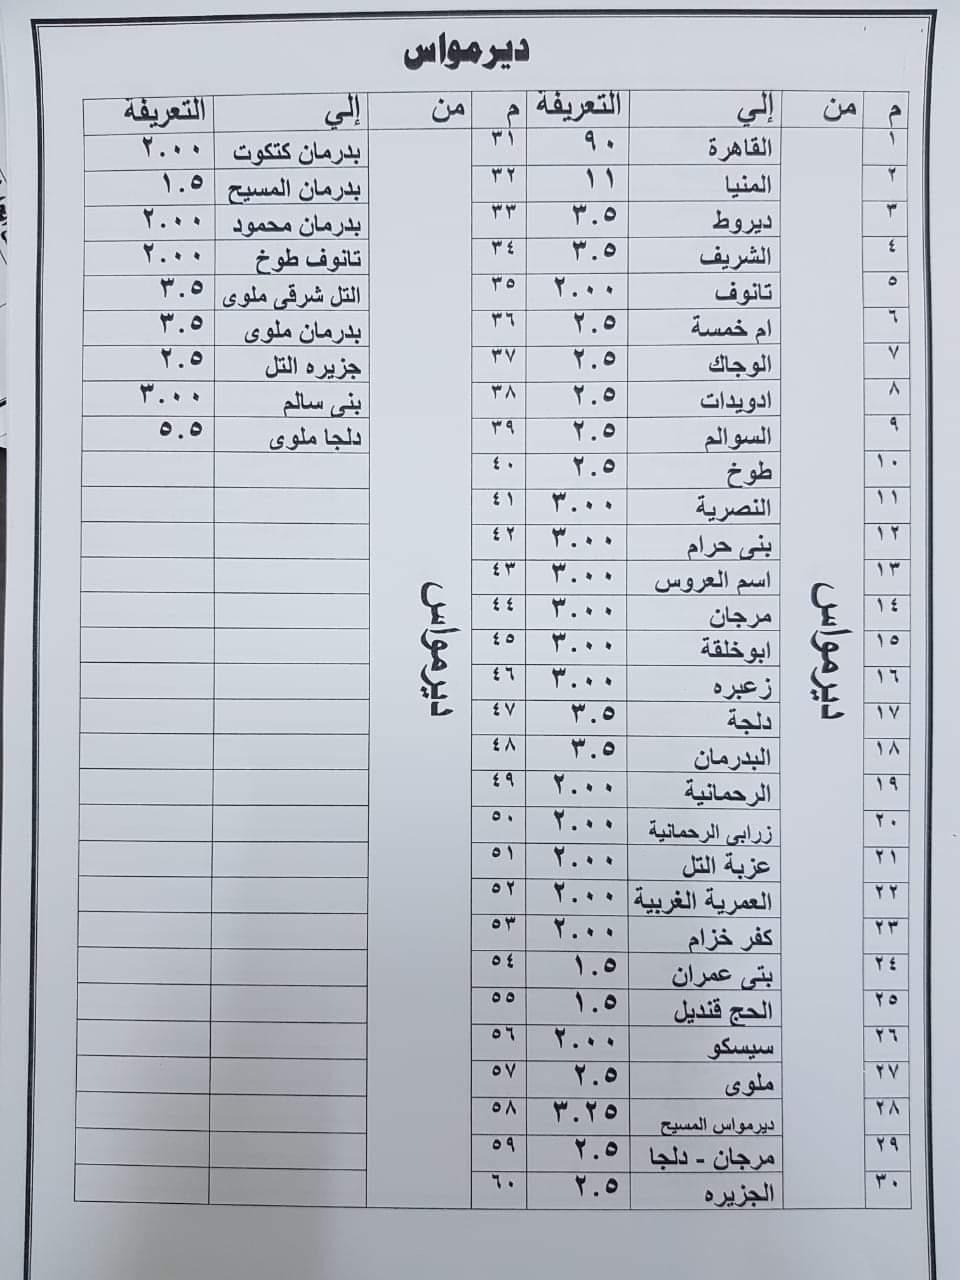 ننشر التعريفه الجديده للمواصلات داخل وبين المدن المصرية بعد زياده اسعار الوقود بجميع المحافظات FB_IMG_1562328833495